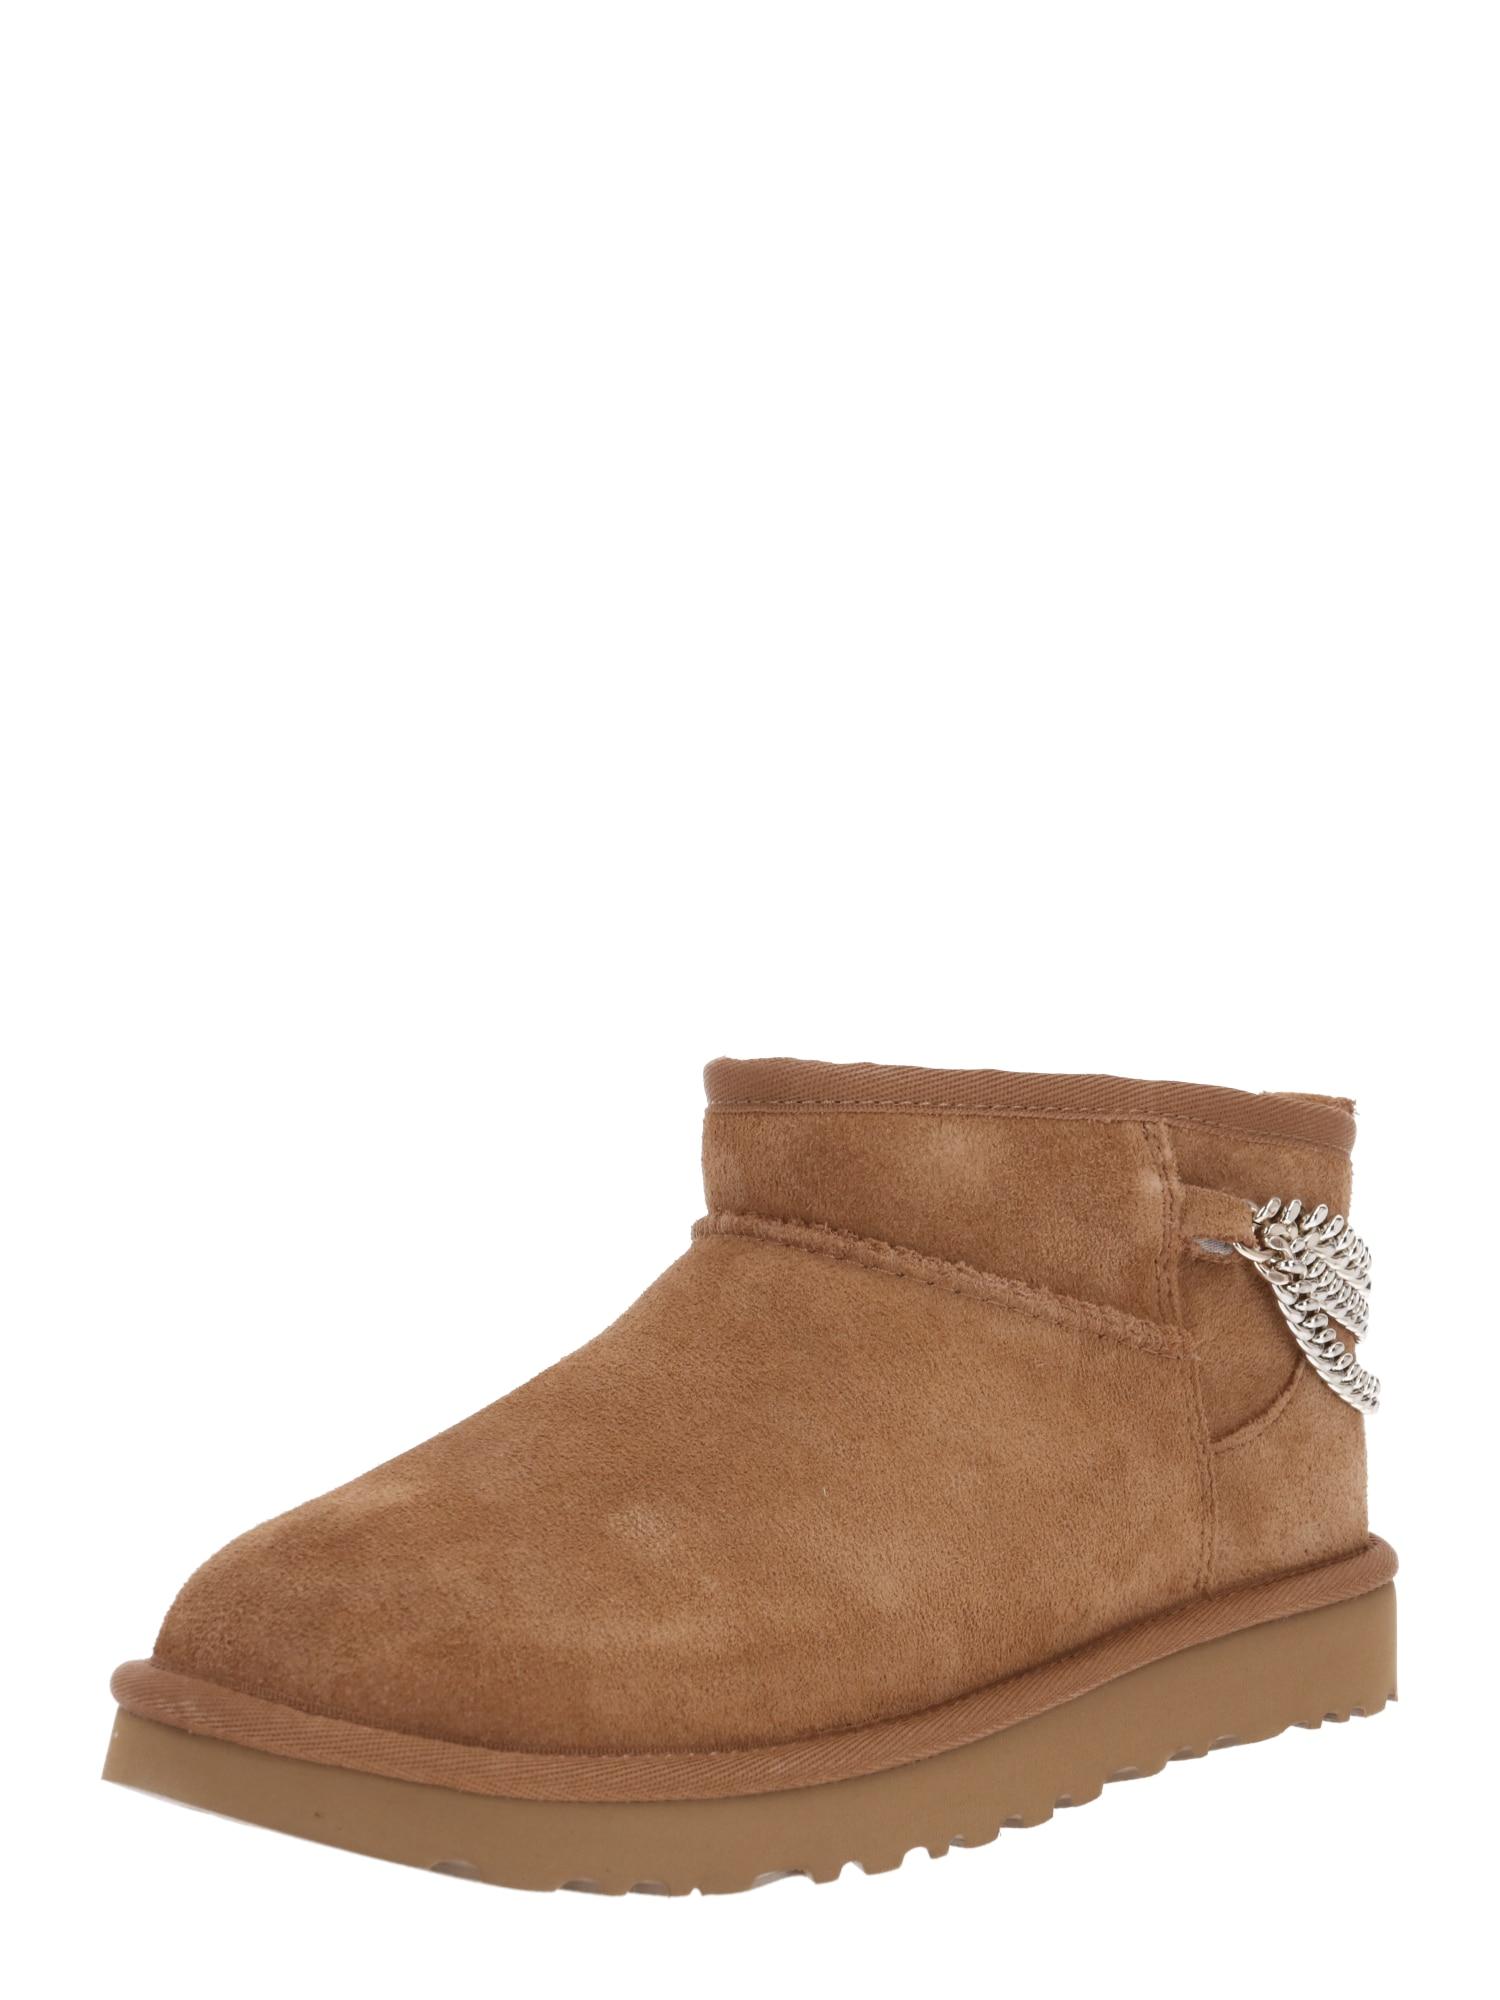 UGG Auliniai batai ruda (konjako)